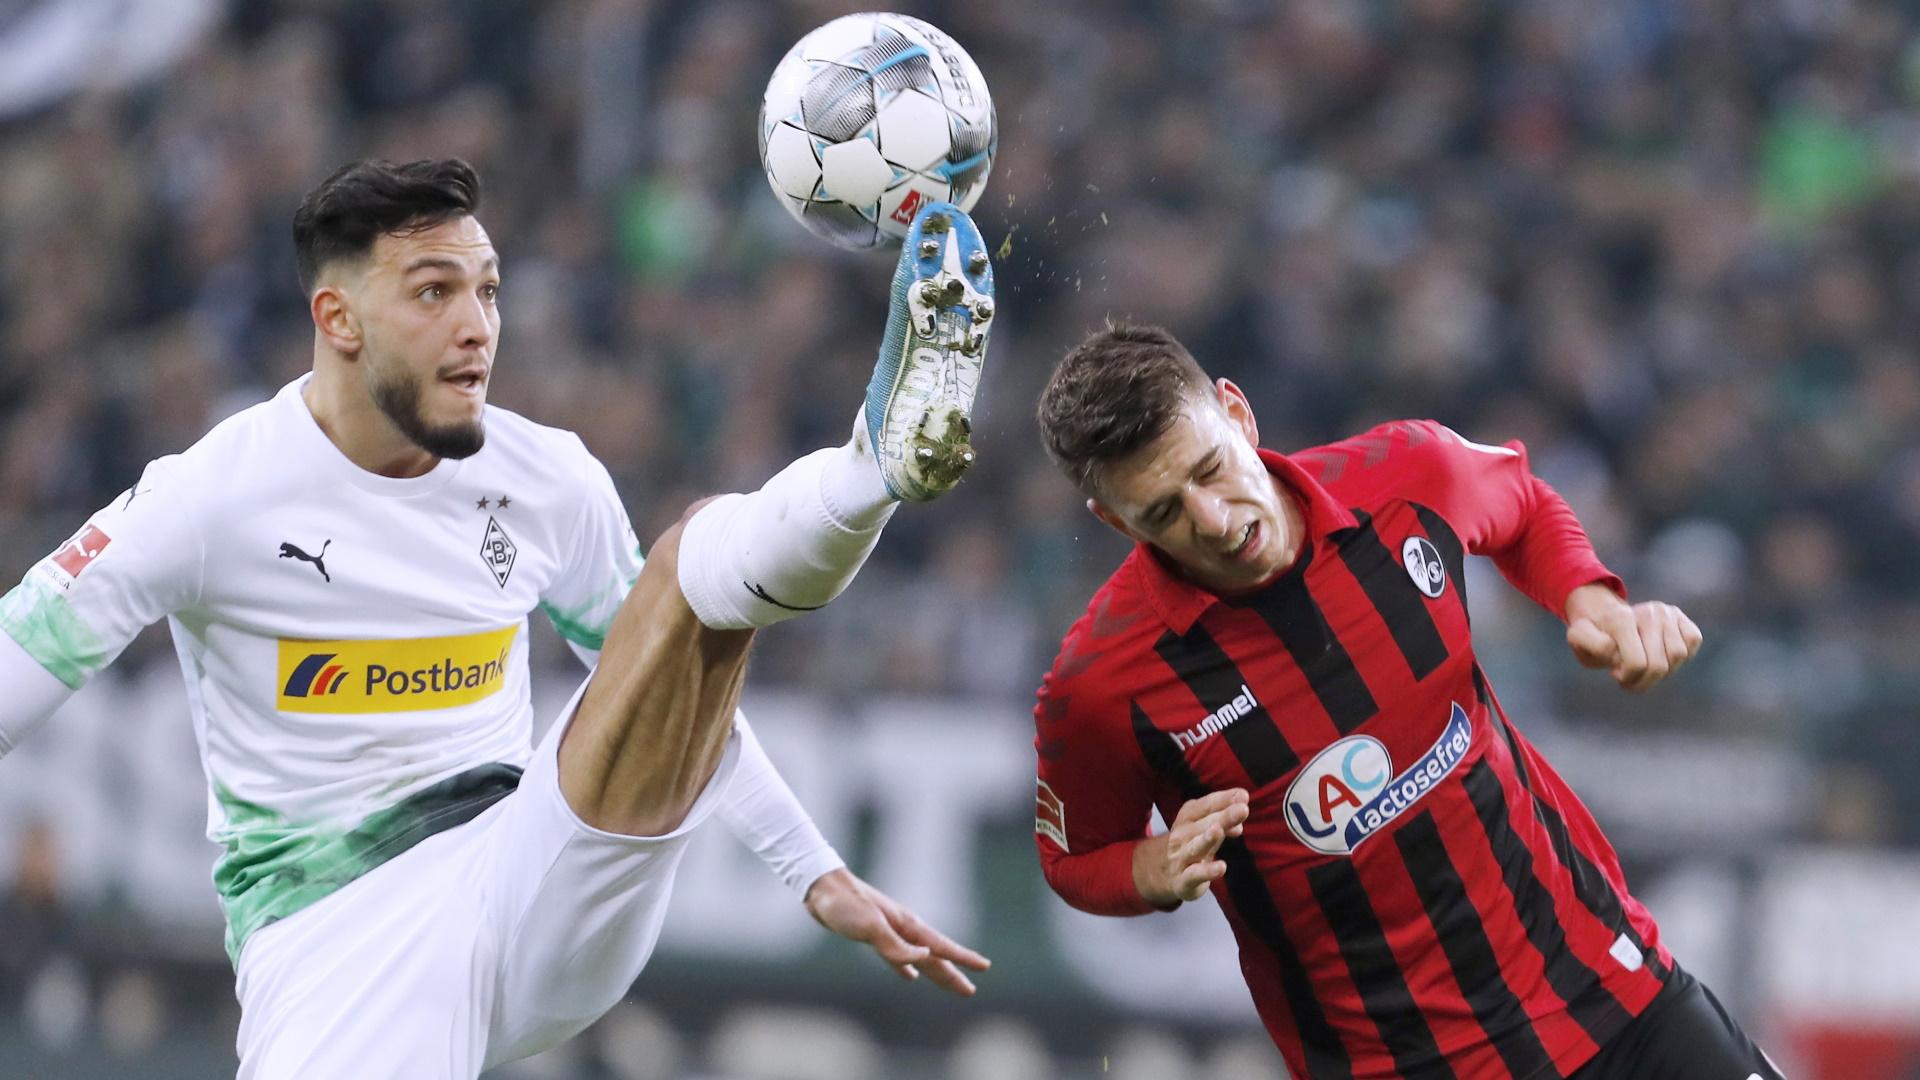 Mönchengladbach Spiel Heute